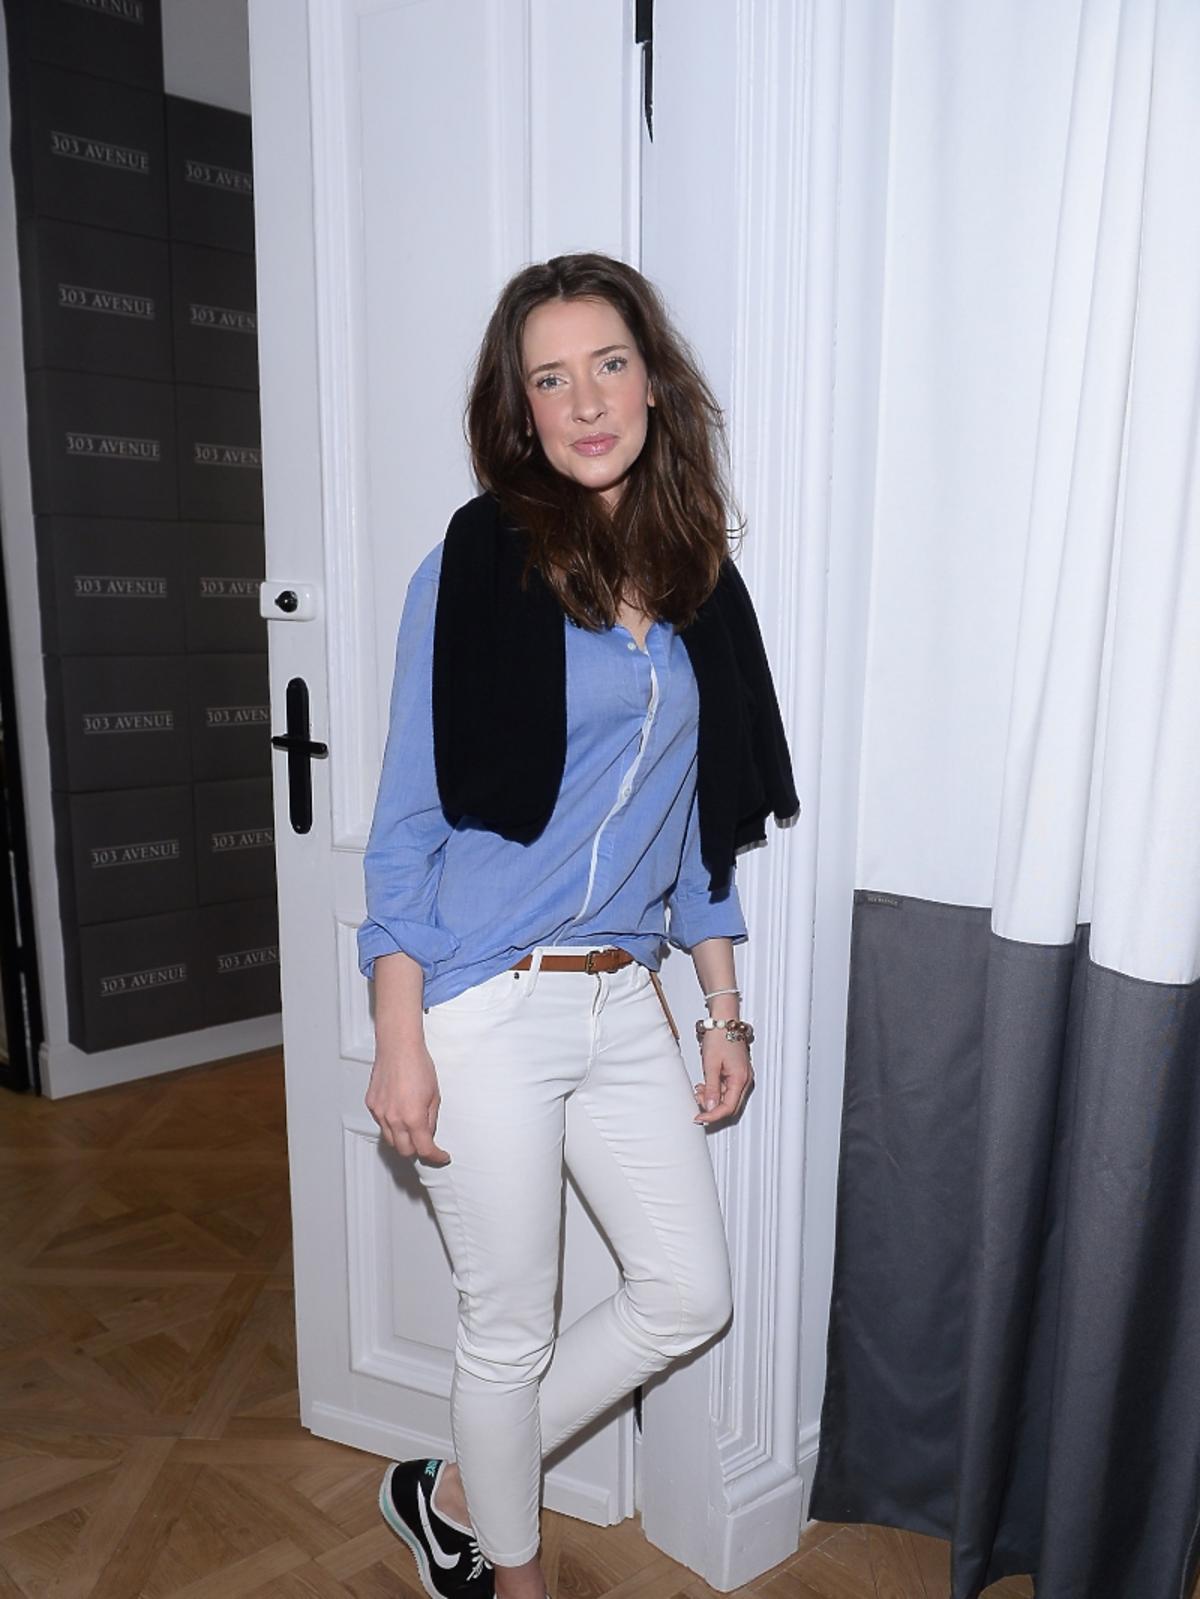 Maria Góralczyk na otwarciu butiku marki 303 Avenue